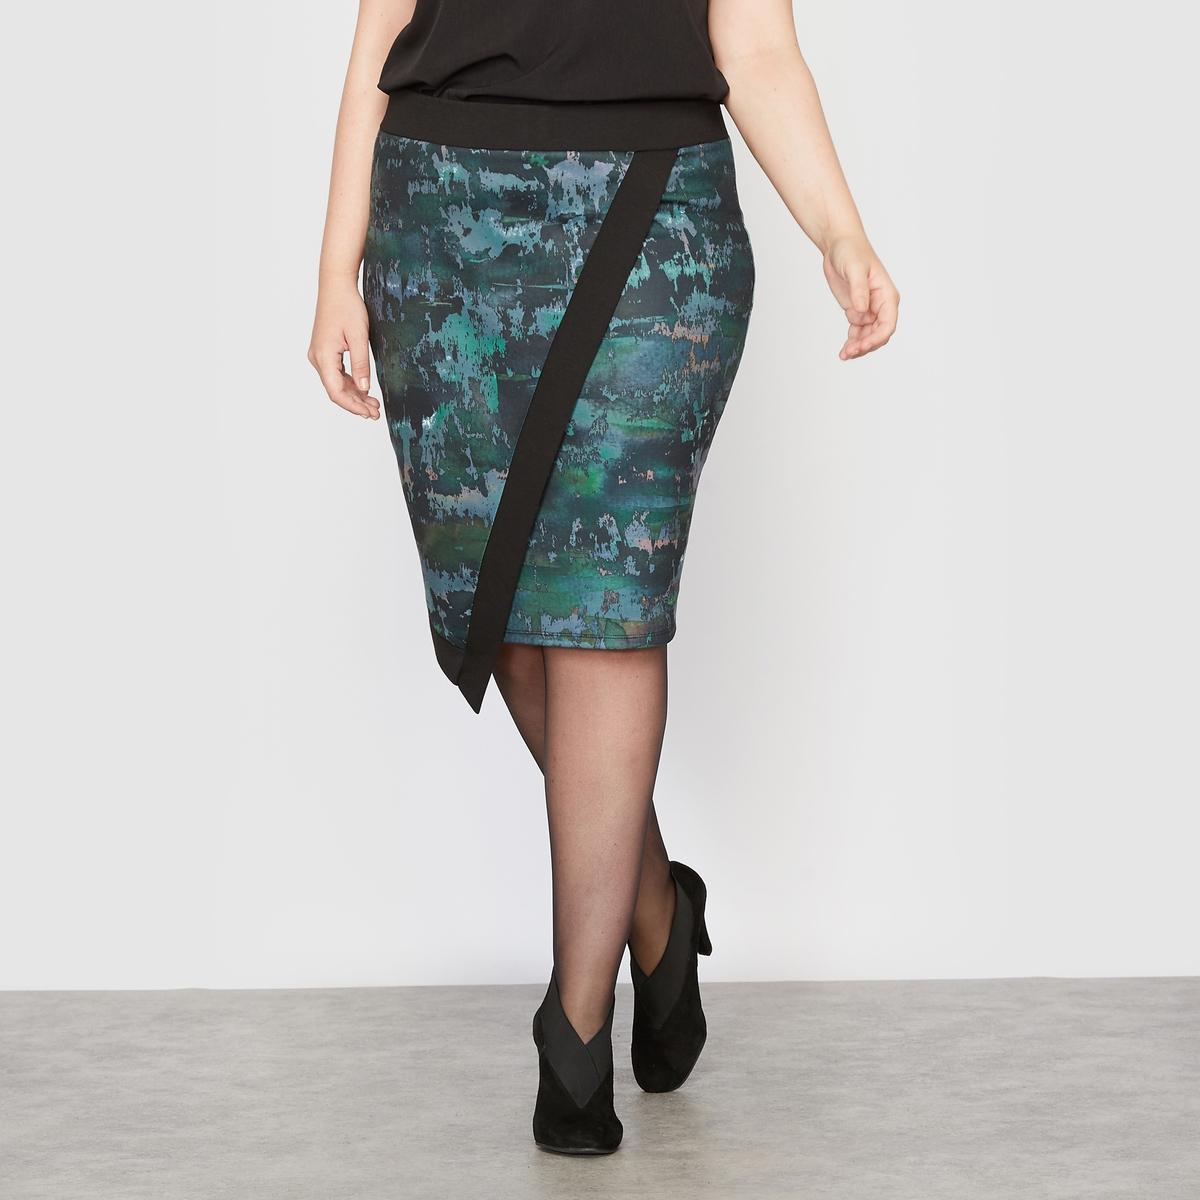 Юбка асимметричная из трикотажа с рисункомАсимметричная юбка из трикотажа с рисунком.Оригинальный рисунок, комфортный плотный трикотаж.Асимметричный покрой, эффект с запахом спереди.Широкий эластичный пояс на талии.Застежка на молнию посередине сзади.Состав и описание :Материал : плотный трикотаж с рисунком 95% полиэстера, 5% эластана.Длина посередине сзади 54 см для 42 размера.Марка : CASTALUNAУход : Машинная стирка при 30 °С в деликатном режиме.<br><br>Цвет: рисунок пятна<br>Размер: 58 (FR) - 64 (RUS).56 (FR) - 62 (RUS).50 (FR) - 56 (RUS)